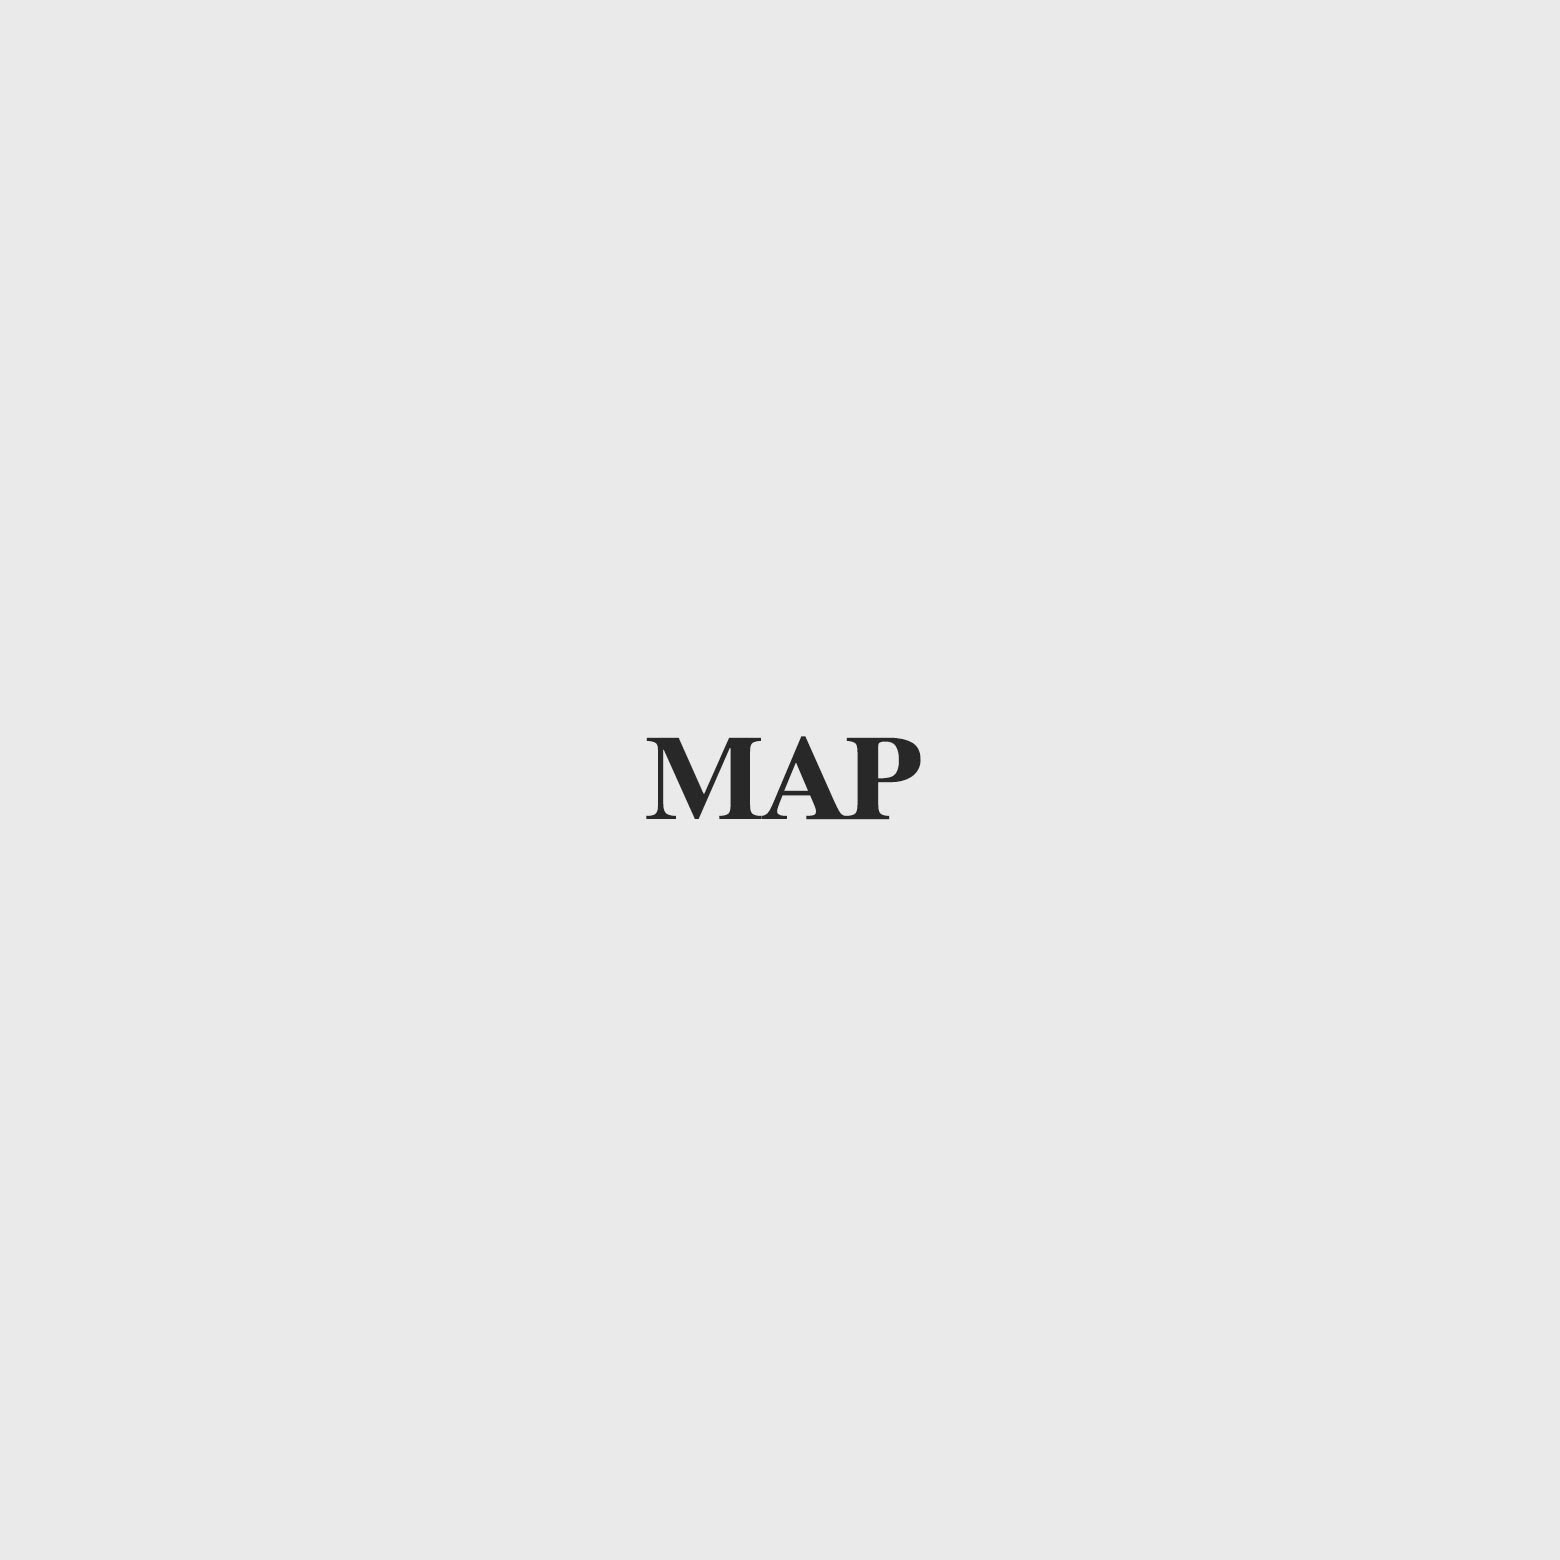 Map Communication